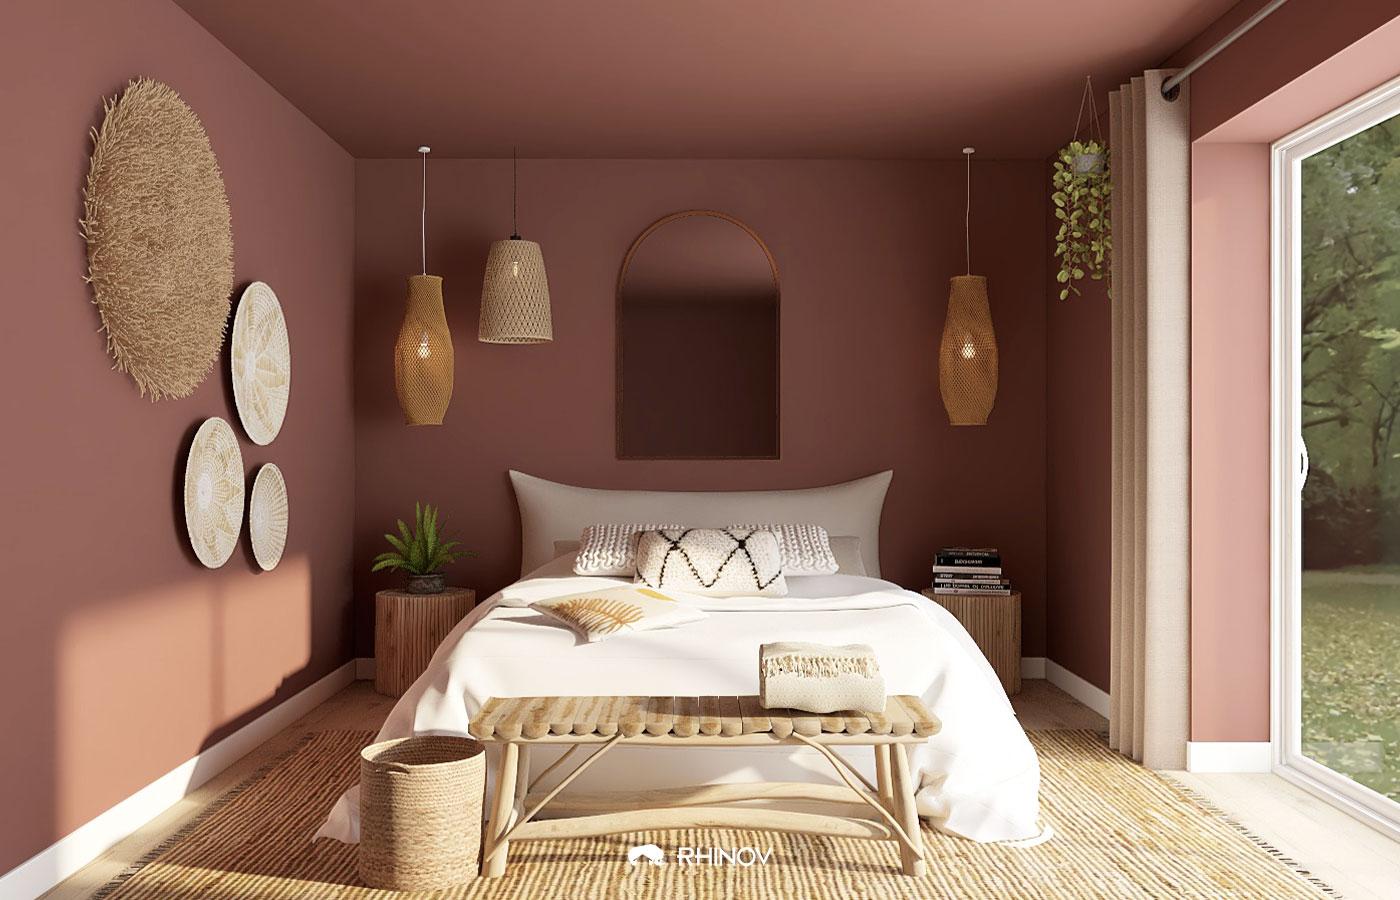 astuce peinture : comment rapprocher les murs ?